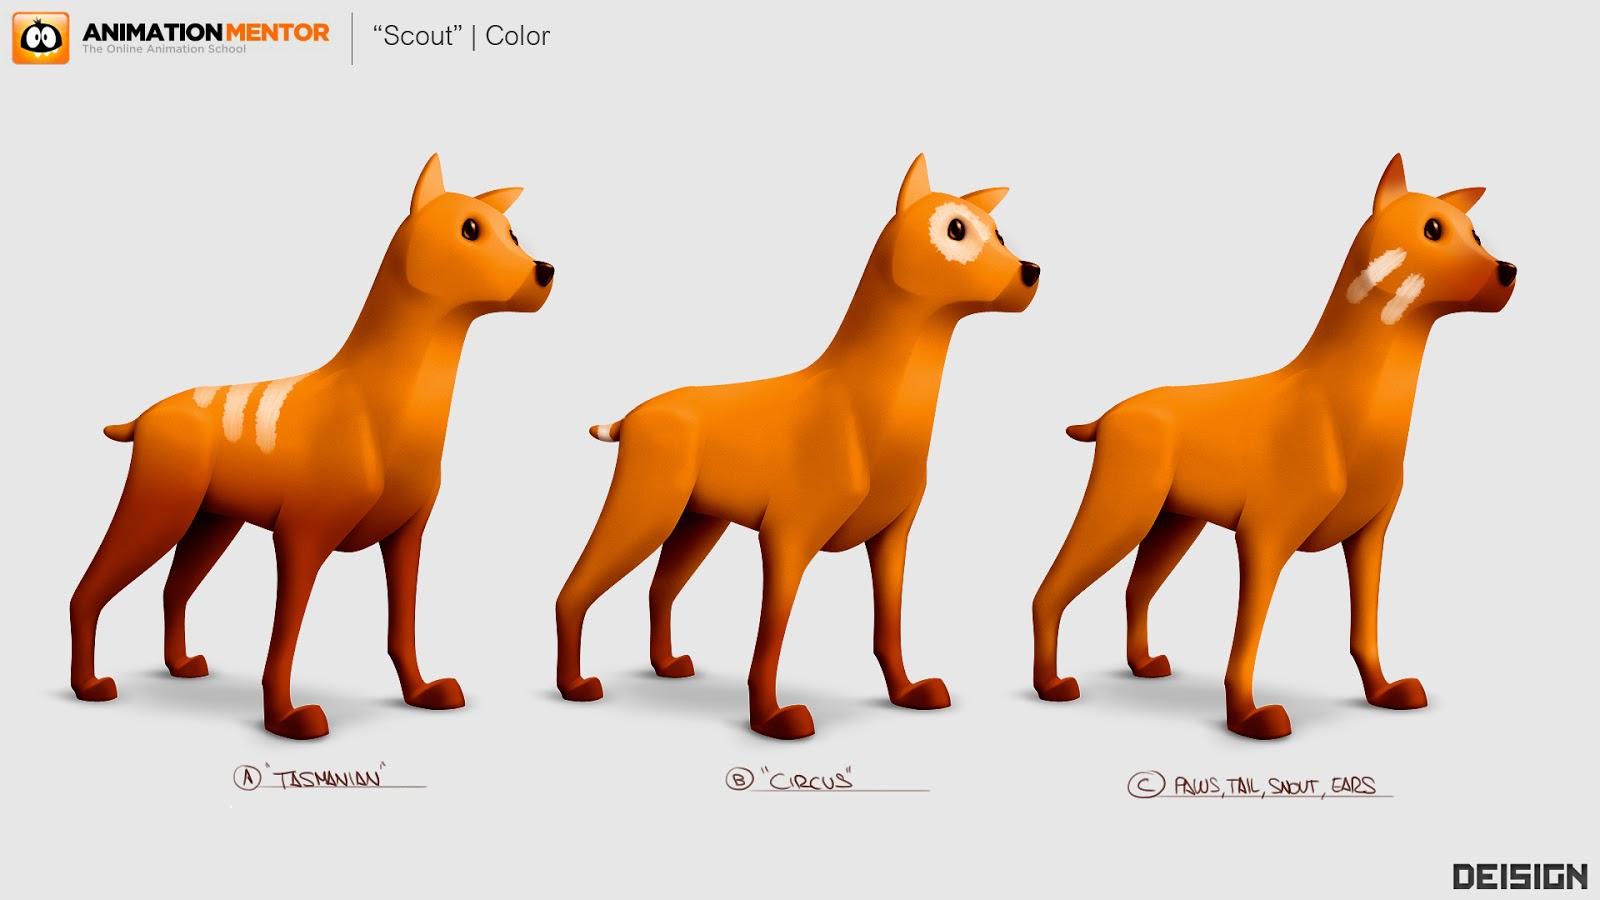 http://1.bp.blogspot.com/-B8gSRyEIzF0/UQ89a2TNIOI/AAAAAAAACQk/0G1aAIcaZZ8/s1600/AM_Tribe_Scout_Color_ideas.jpg